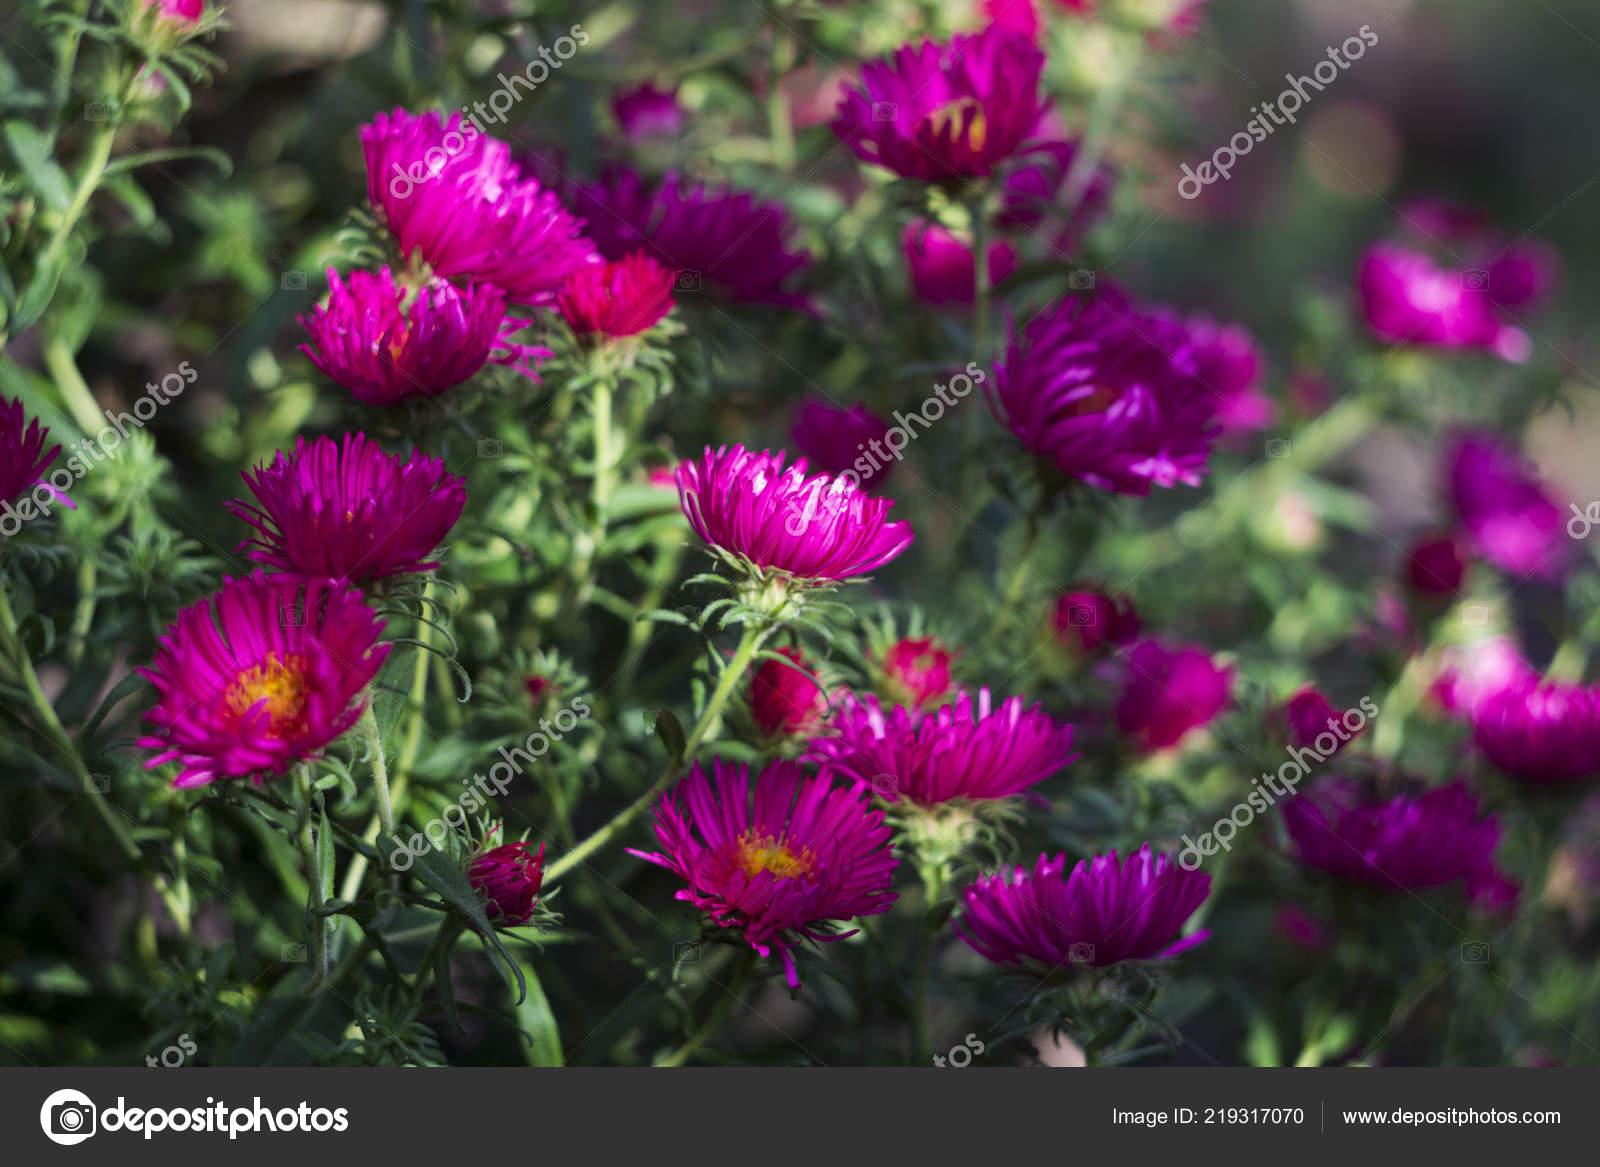 Mehrjahrige Aster Blute Rosa Herbstblumen Garten Hintergrund